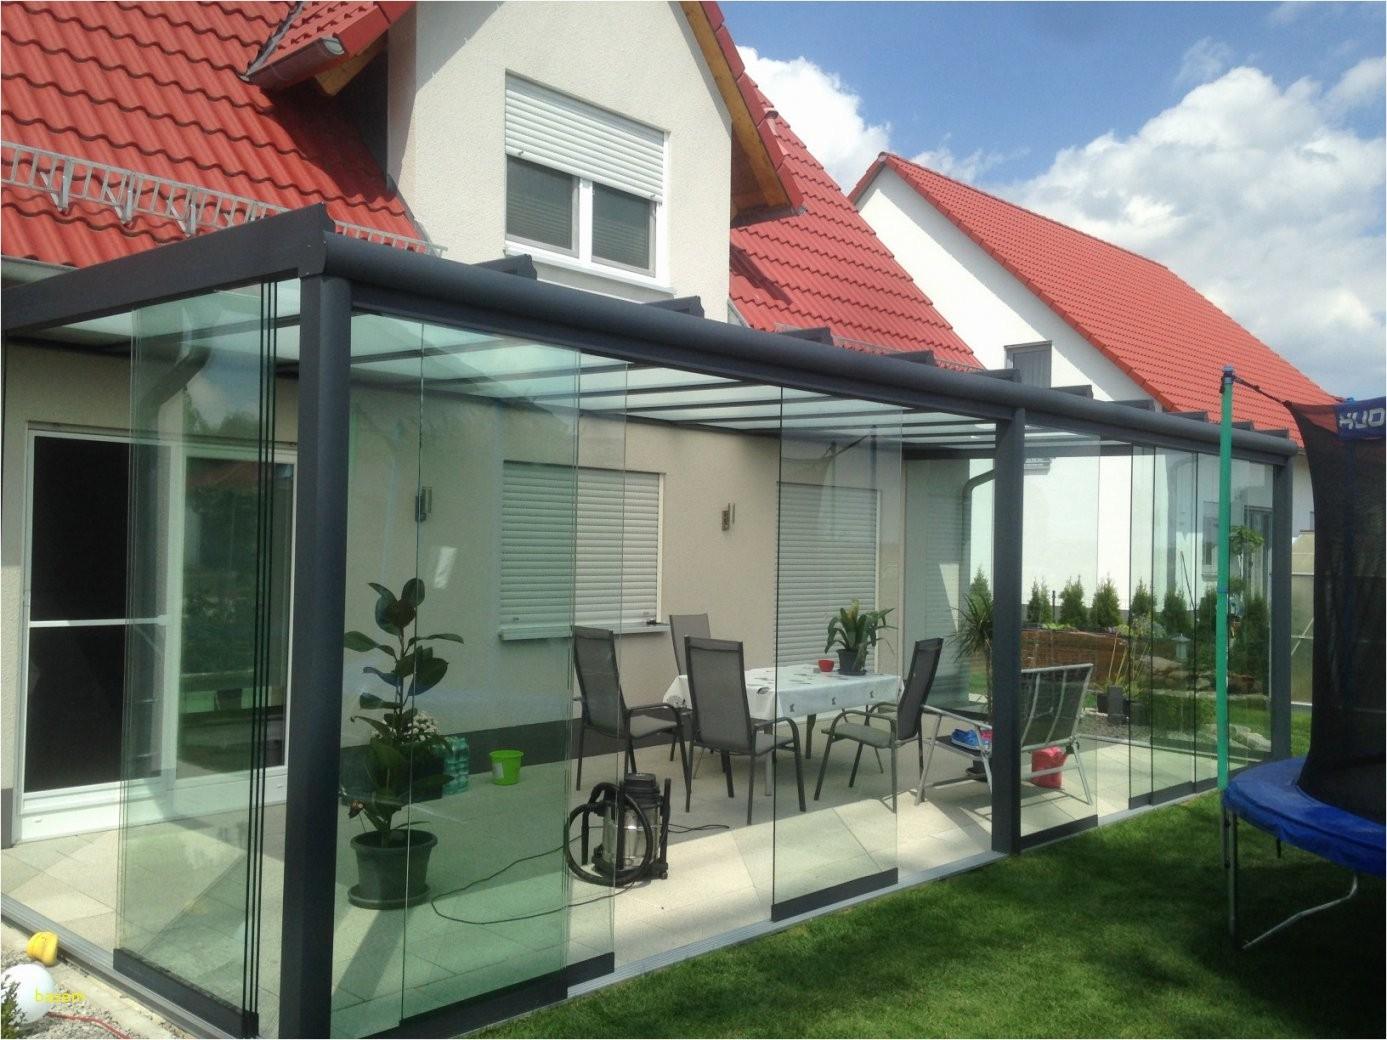 Garten Überdachung Freistehend Das Beste Von 25 Elegant von Überdachung Terrasse Selber Bauen Bild